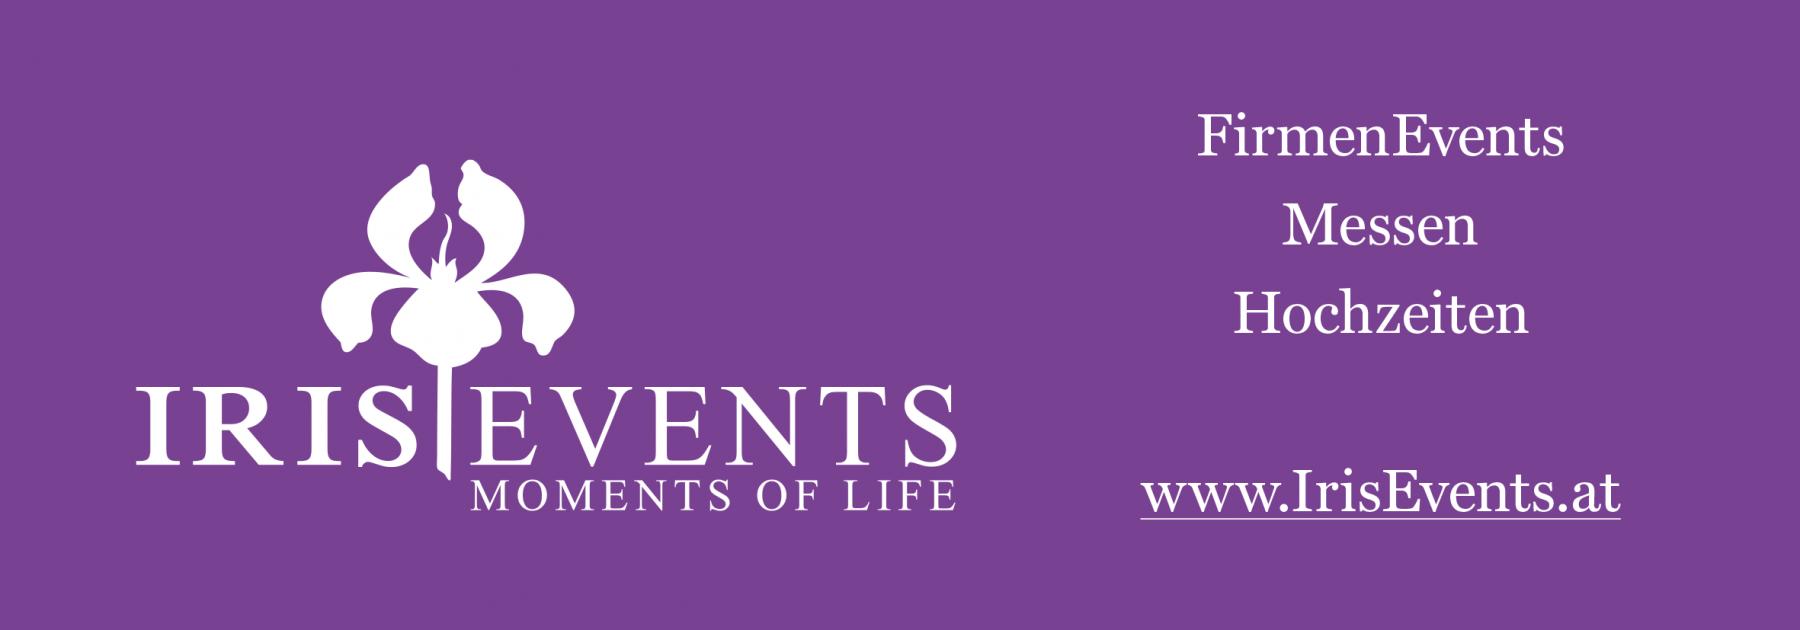 Sie wollen mit Ihrer Veranstaltung außergewöhnliche Momente schaffen? Hereinspaziert!